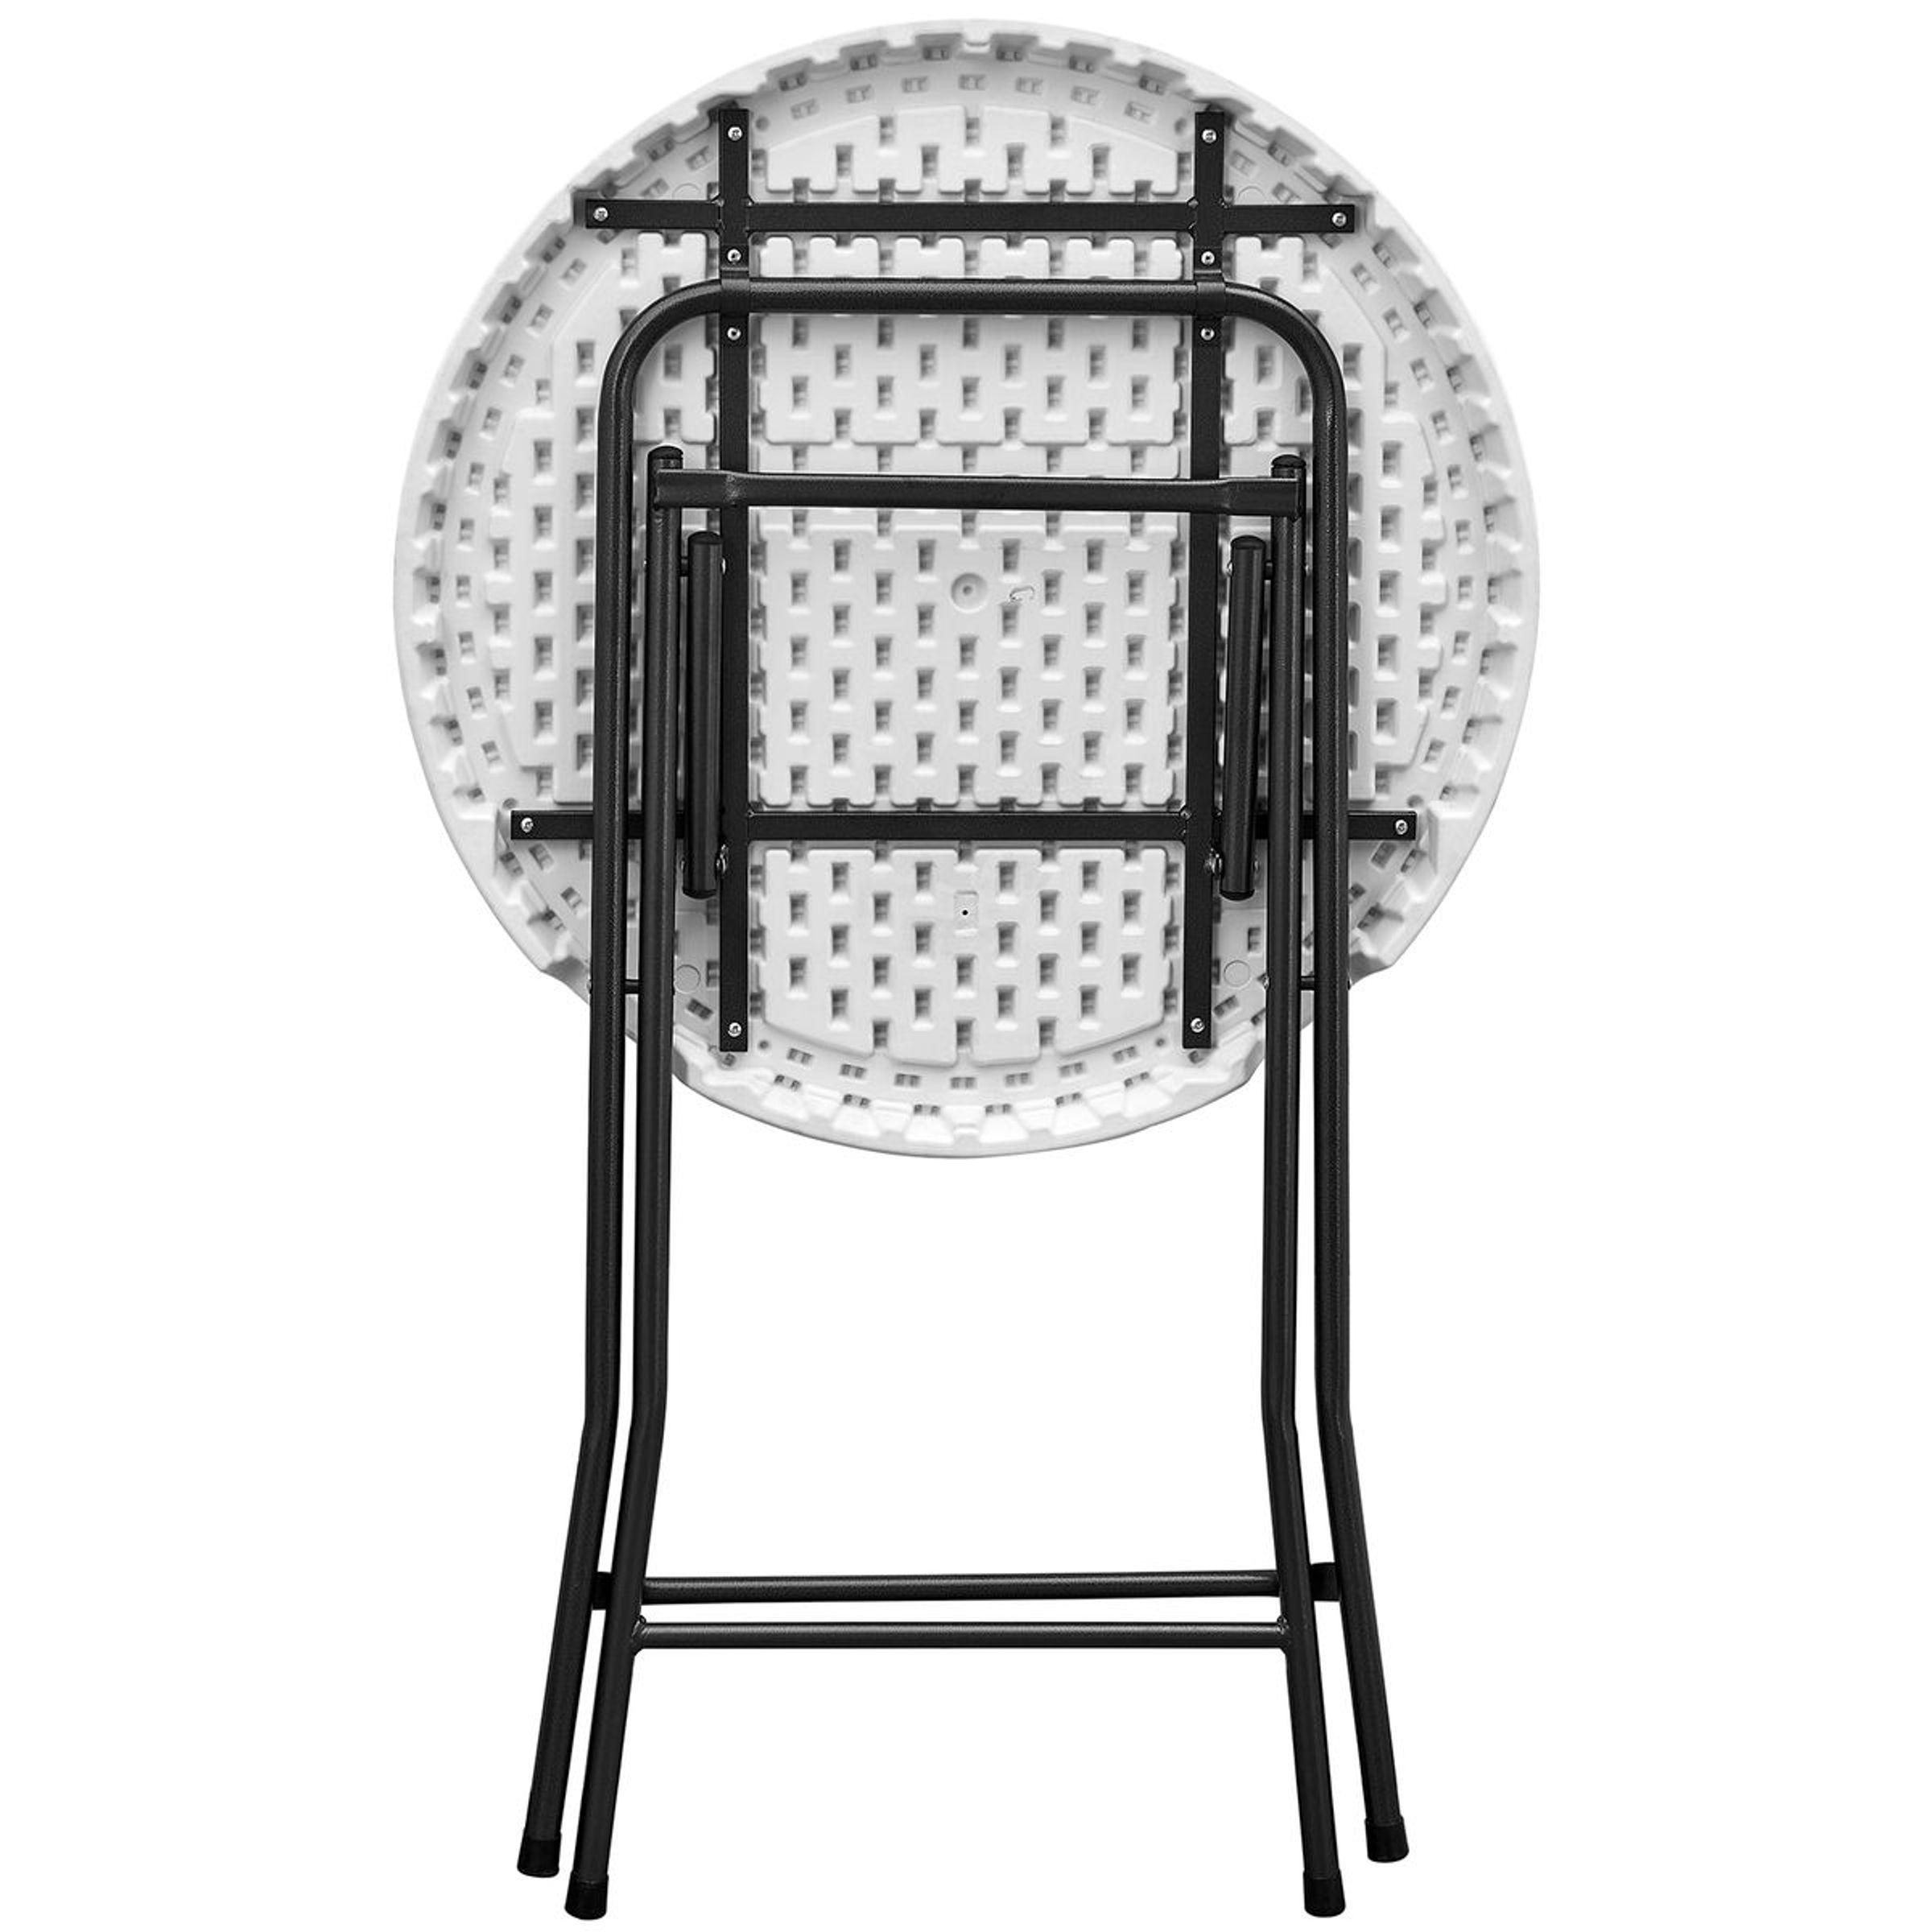 stehtisch 80 cm klappbar finest kesper stehtisch klappbar durchmesser cm hhe cm ean with. Black Bedroom Furniture Sets. Home Design Ideas